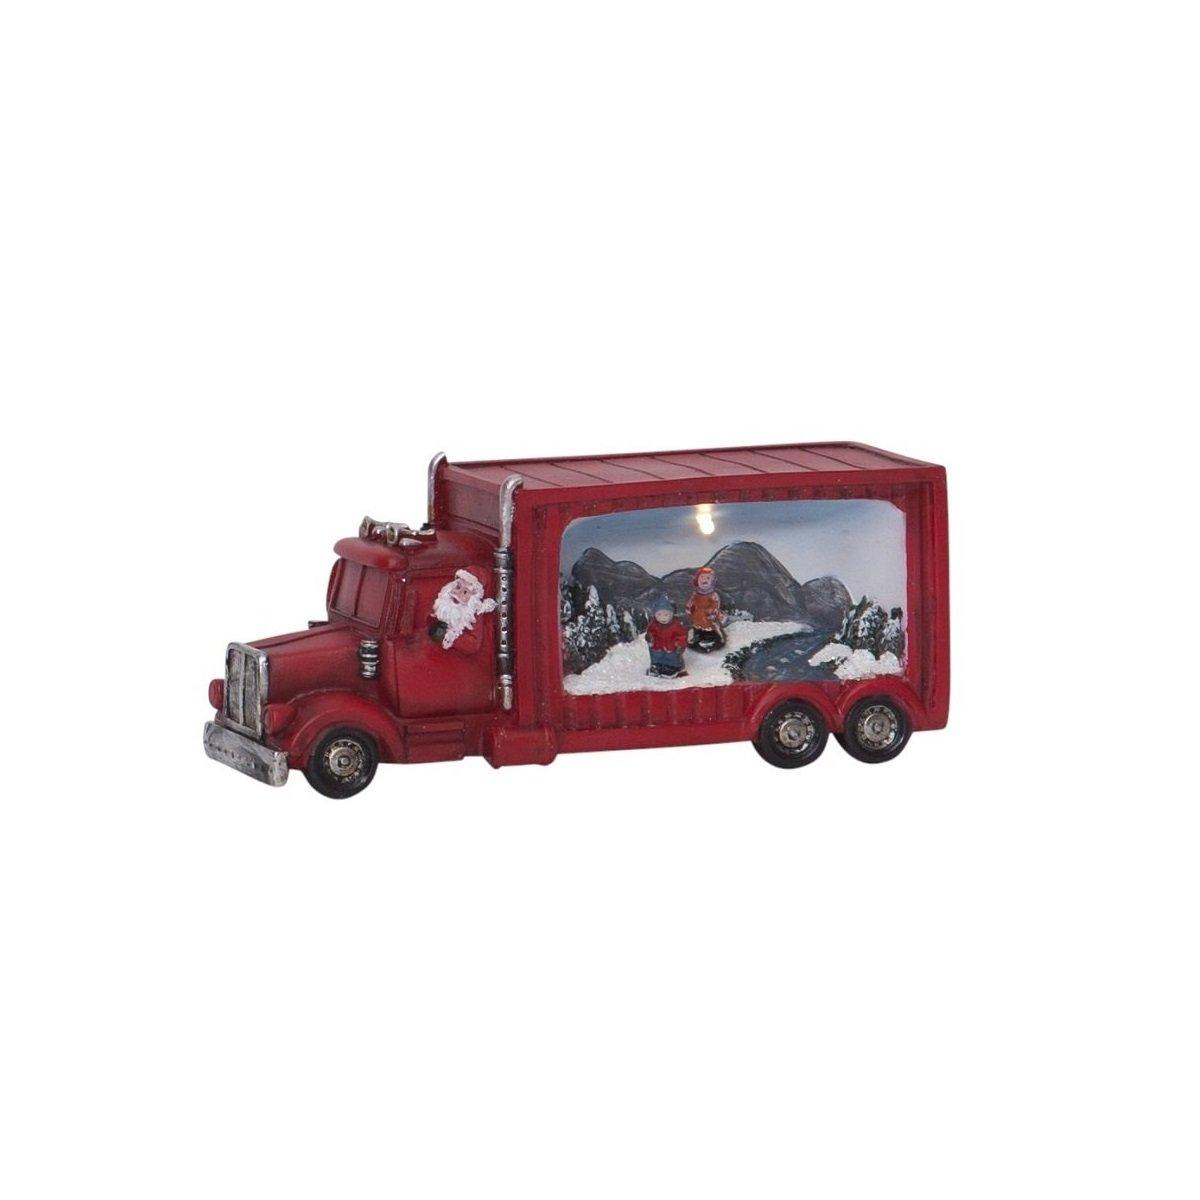 Papiersterne Weihnachtsbeleuchtung.Led Weihnachtsfigur Merryville Santa Im Truck Nr 992 23